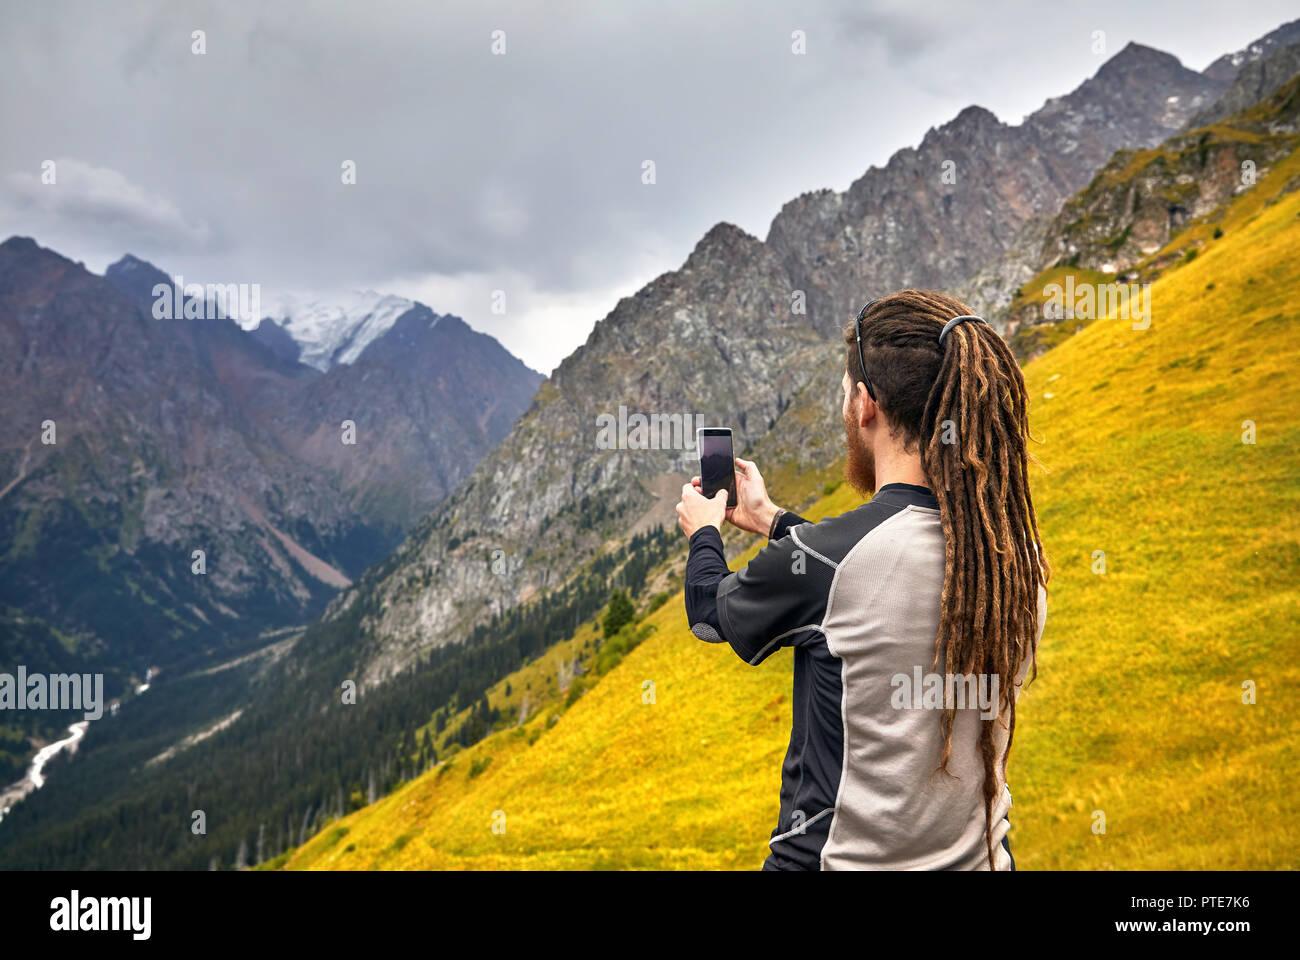 Uomo Con Dreadlocks Prendendo Foto Con Il Suo Telefono Cellulare In